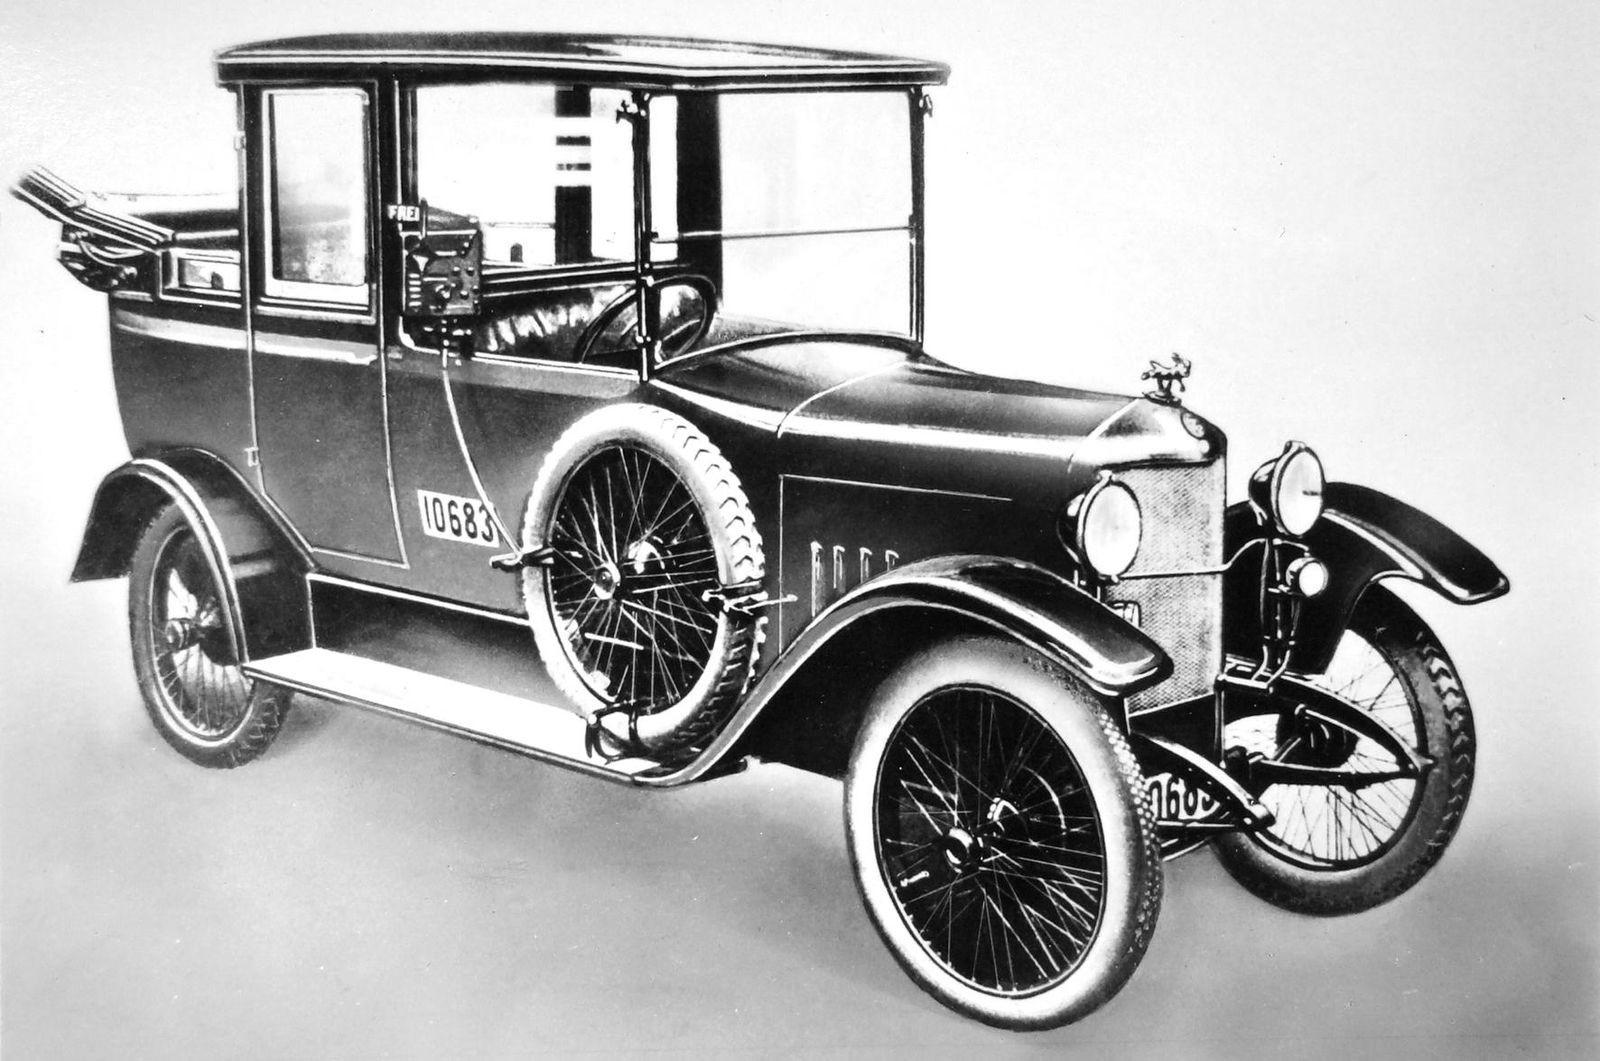 Древнейшая профессия: как появились первые такси, и как рассчитывали цену поездки в 1890-х